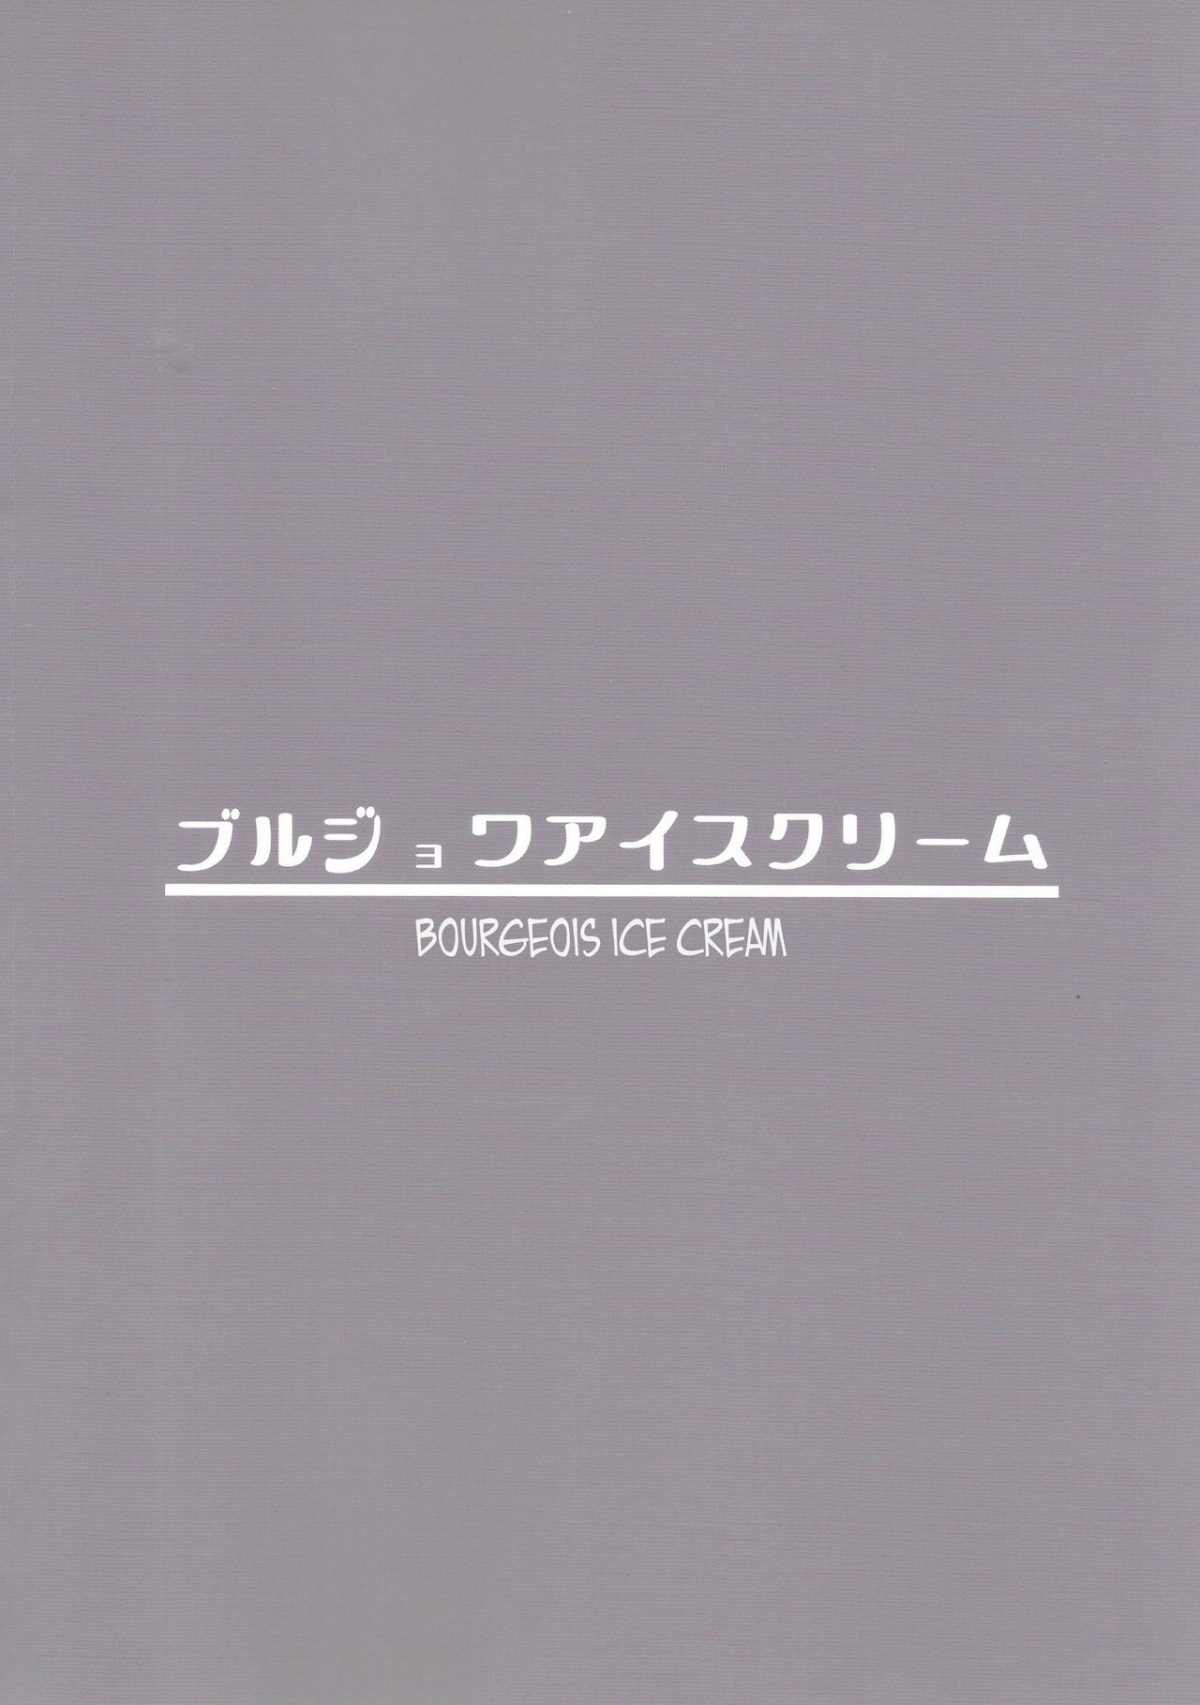 Hình ảnh  trong bài viết Shoujou Tosatsuba